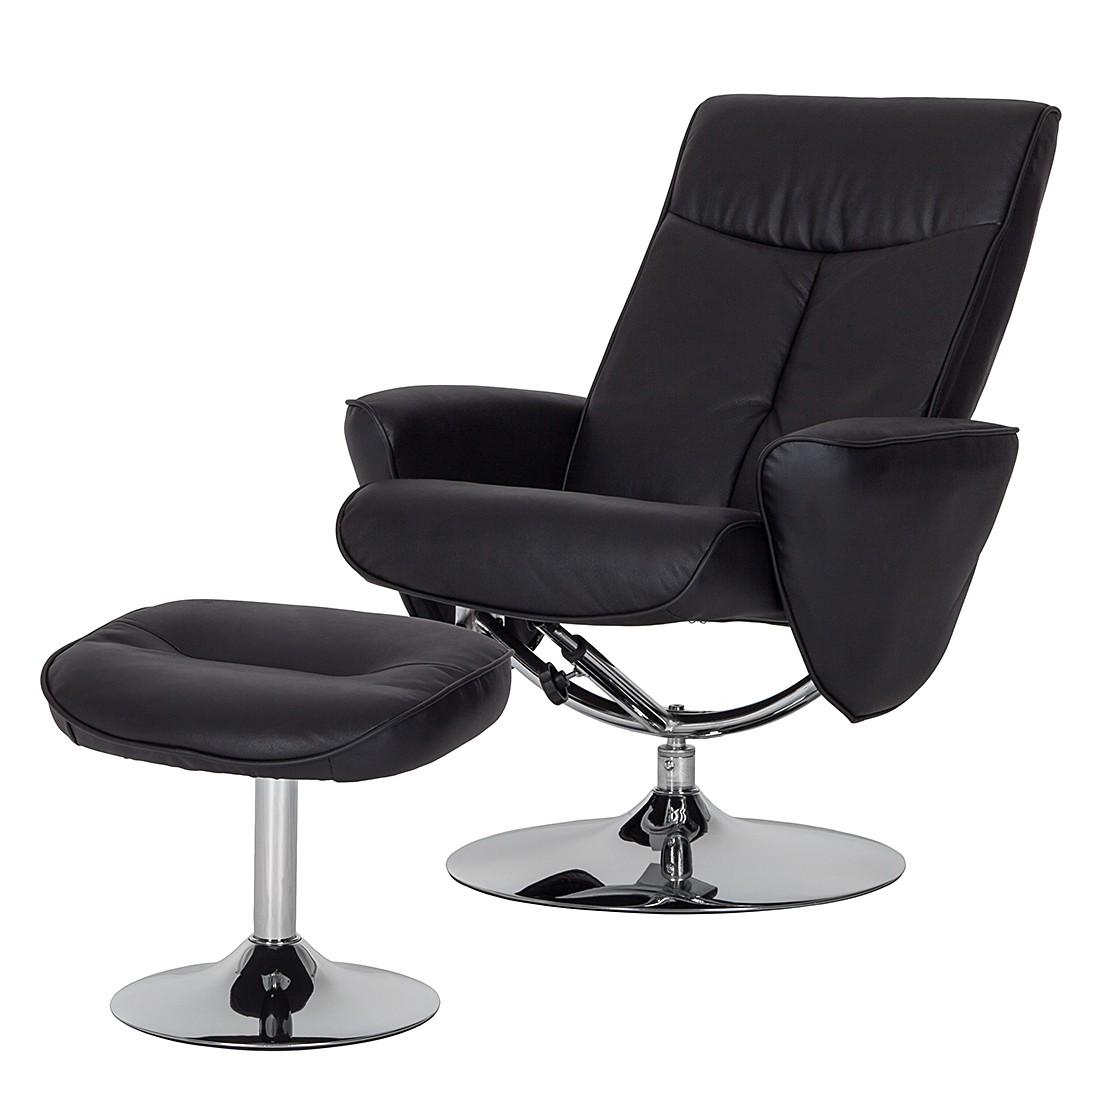 mooved vincenzo echtleder relaxsessel schwarz sessel. Black Bedroom Furniture Sets. Home Design Ideas